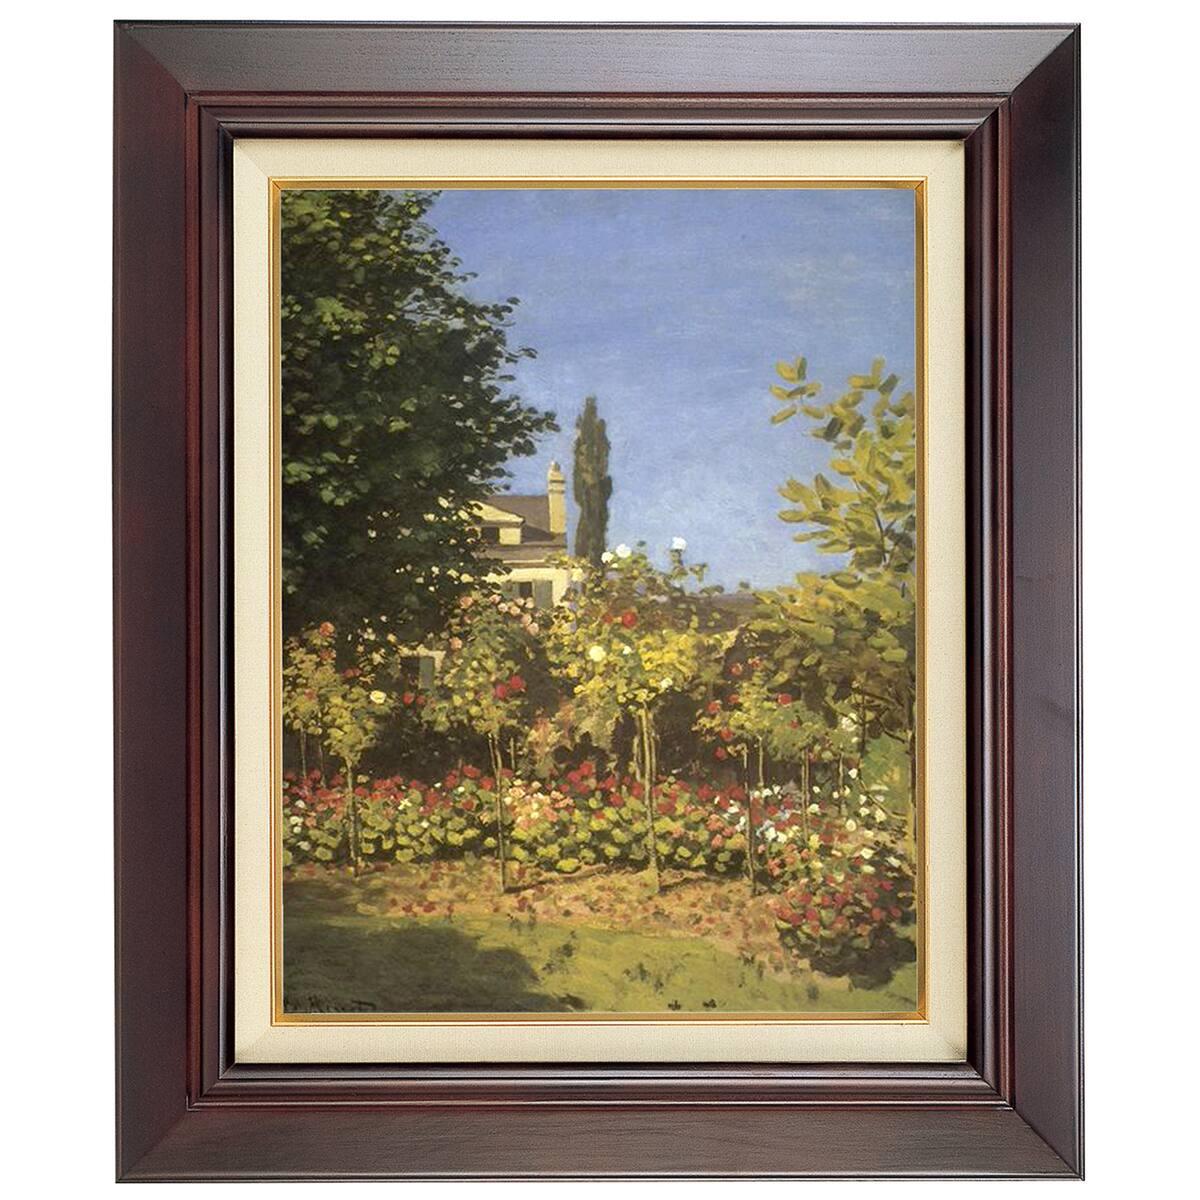 ラーソン・ジュール 油絵用額縁 A140 P8 セピア